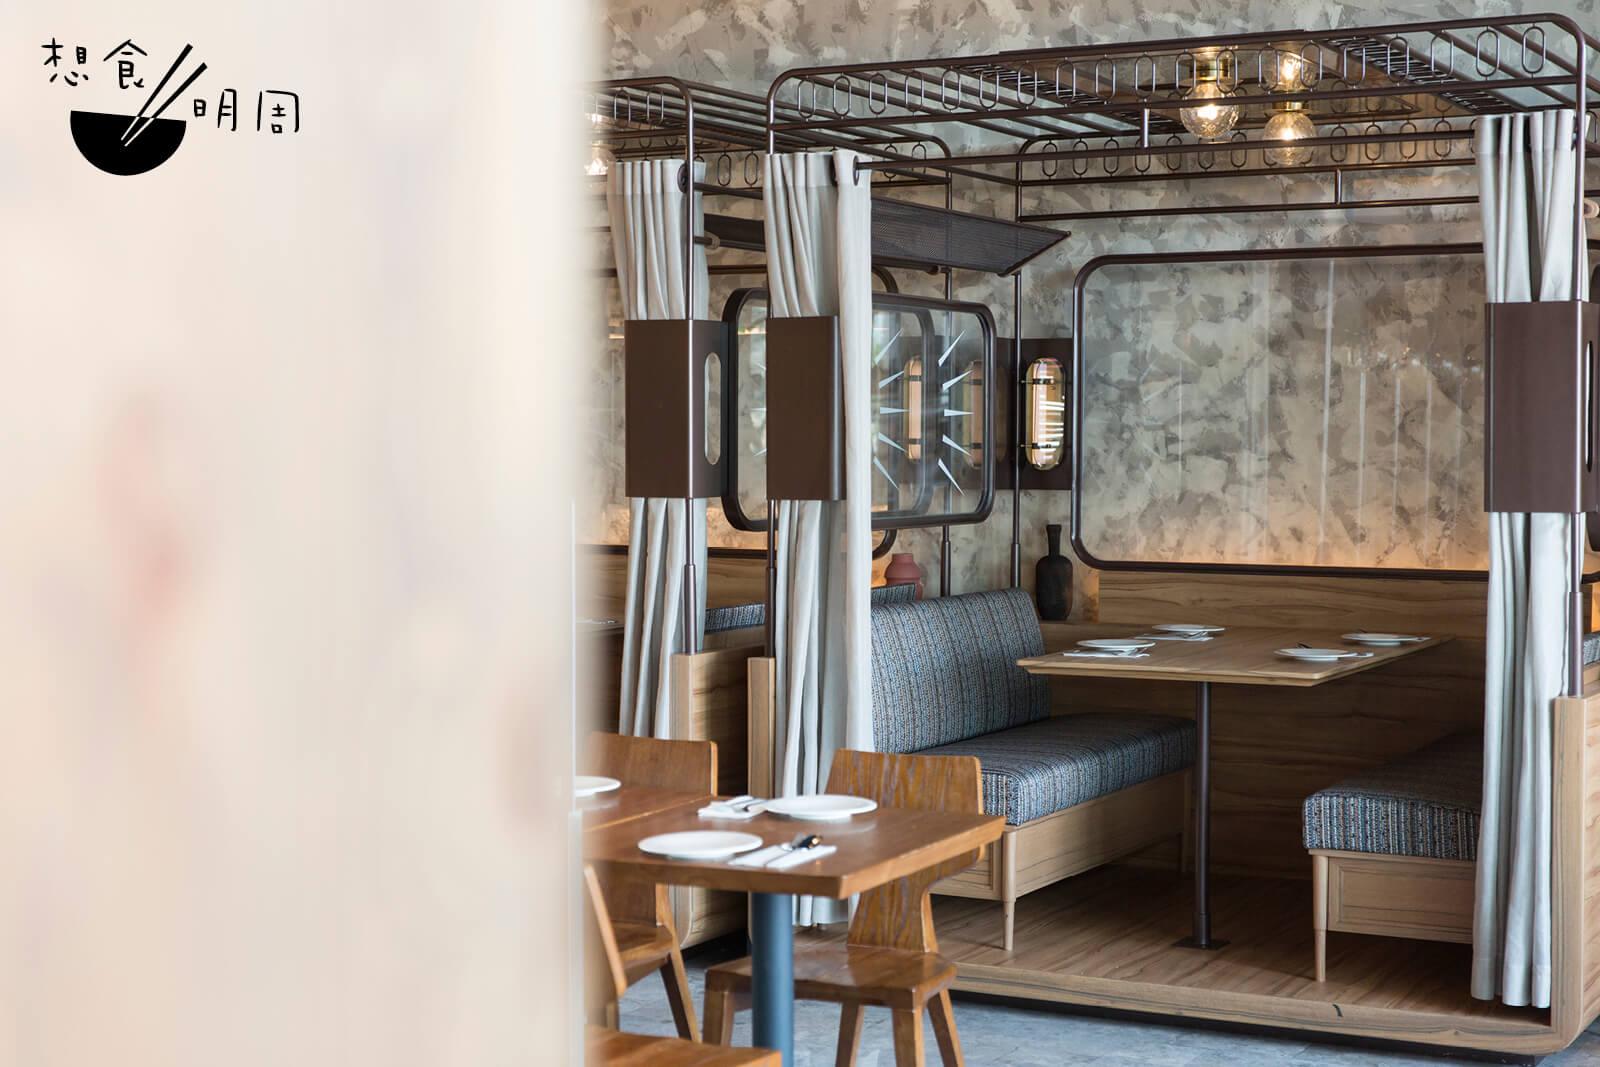 簡潔淡雅的裝潢、寬闊的卡位,讓人有置身東南亞渡假村的感覺